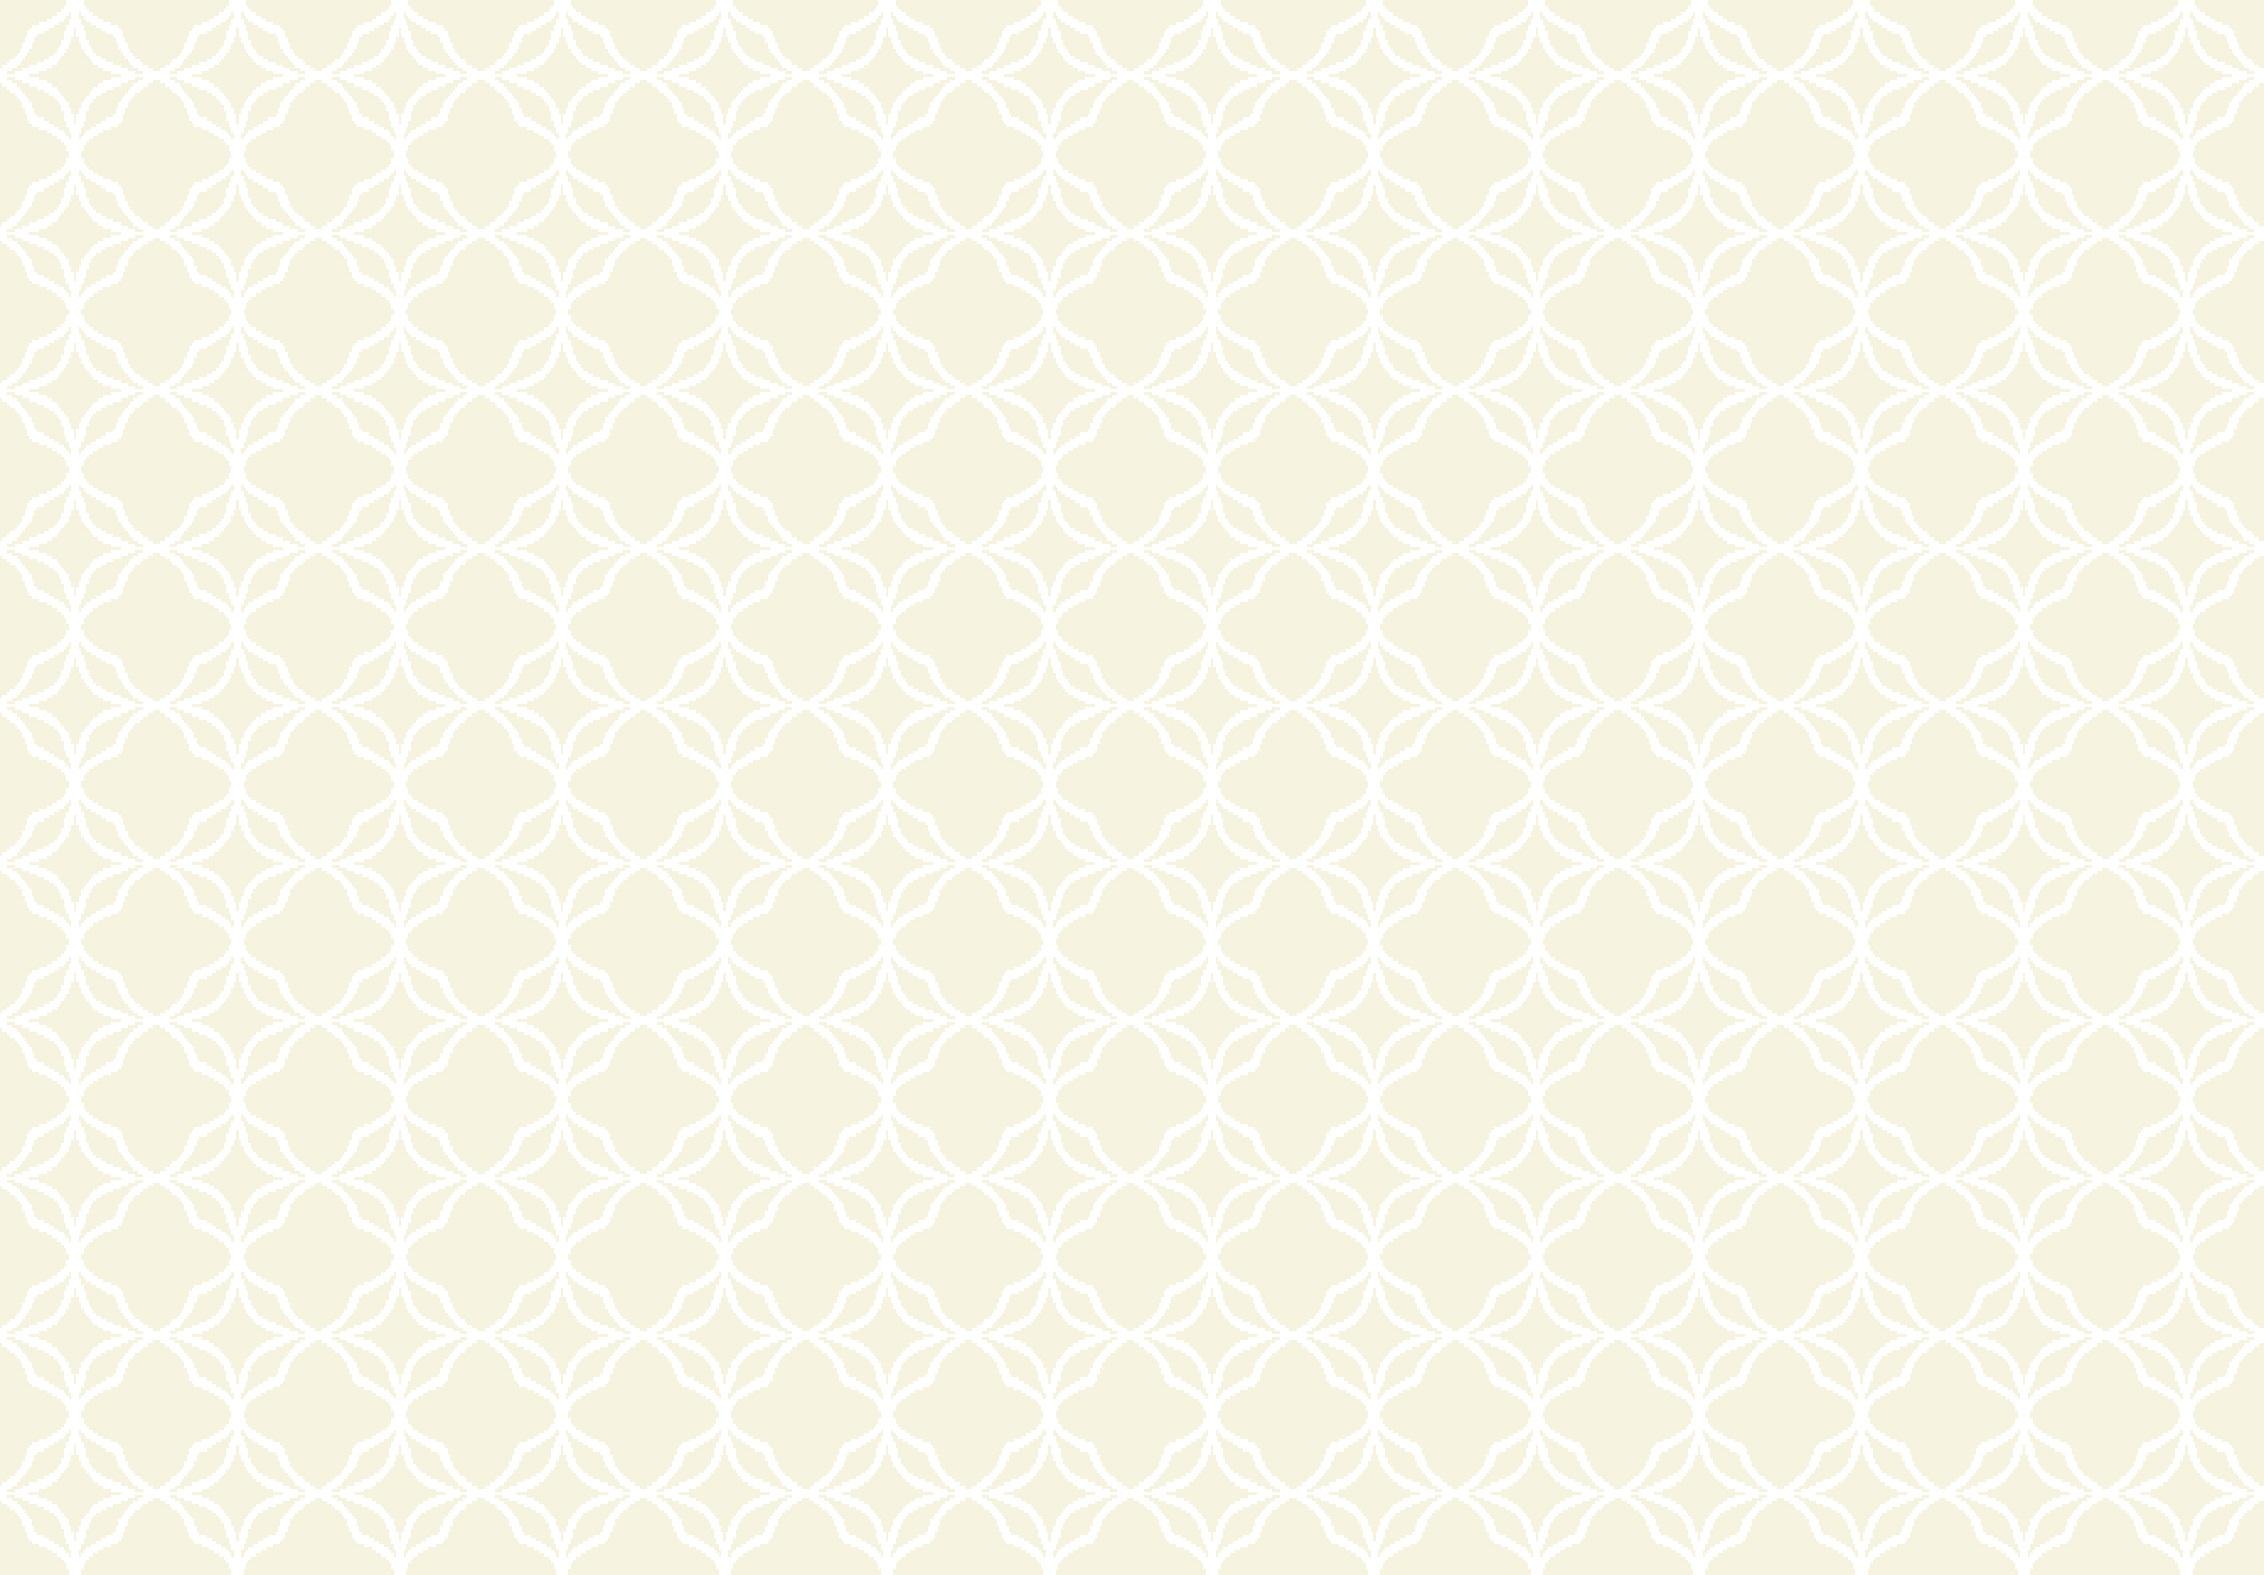 Ковер OpticПрямоугольные ковры<br>Низкий ворс, плотный, мелкий рисунок.&amp;lt;div&amp;gt;Материал: 100% Полипропилен&amp;lt;br&amp;gt;&amp;lt;/div&amp;gt;<br><br>Material: Текстиль<br>Width см: 230<br>Height см: 160